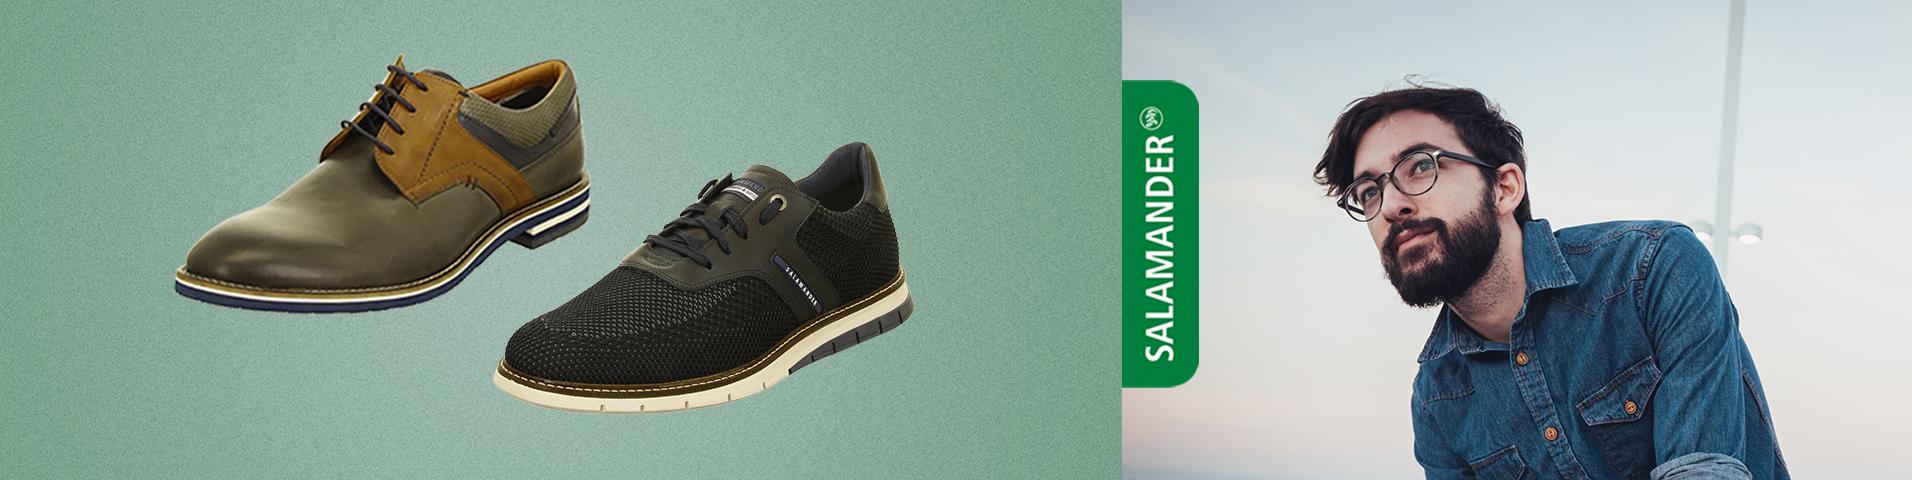 best sneakers 44864 ab49d Salamander Online Shop   Salamander online bestellen bei Zalando